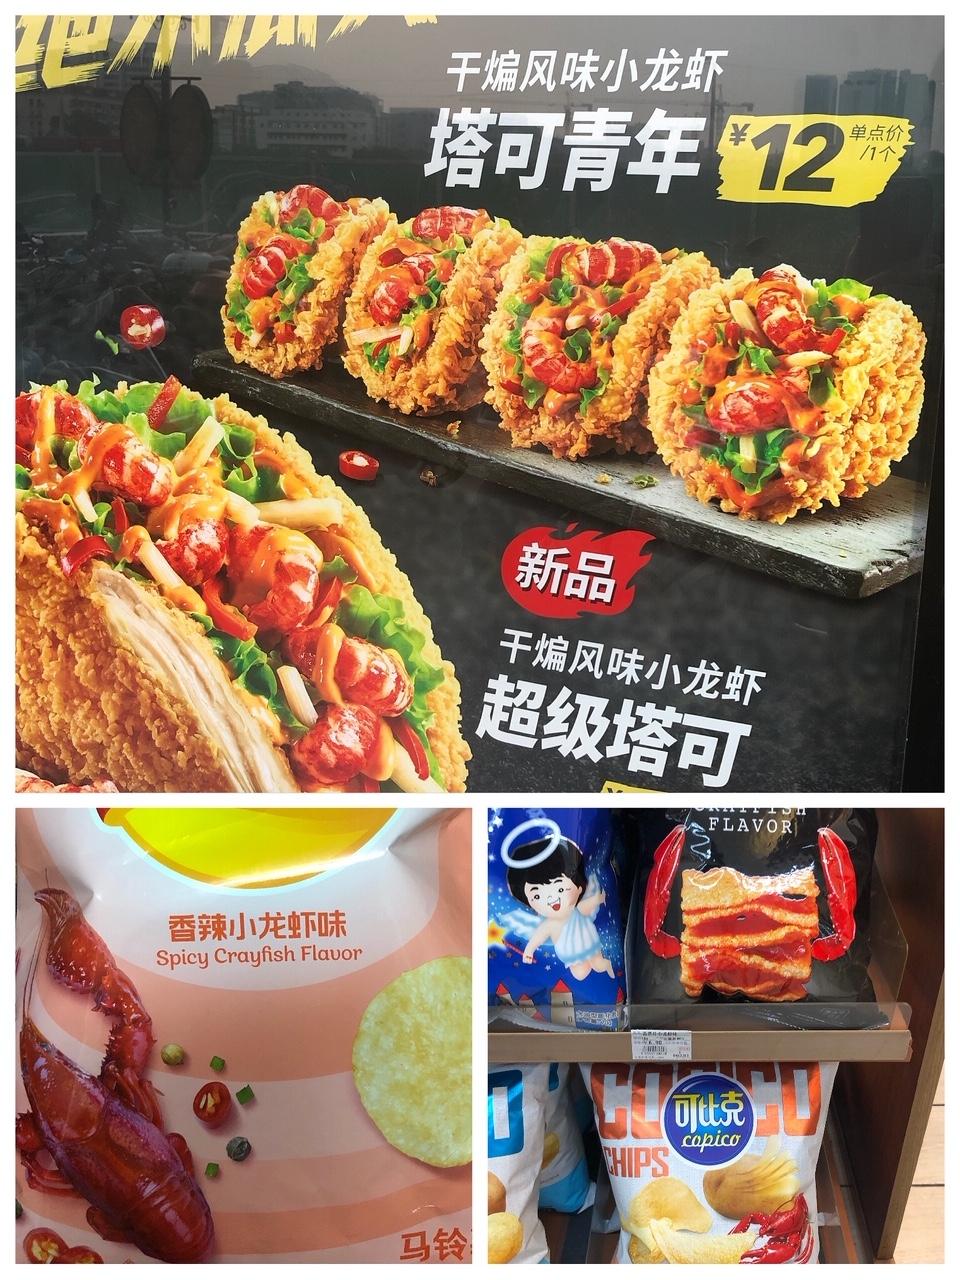 上海・ザリガニを使ったフード